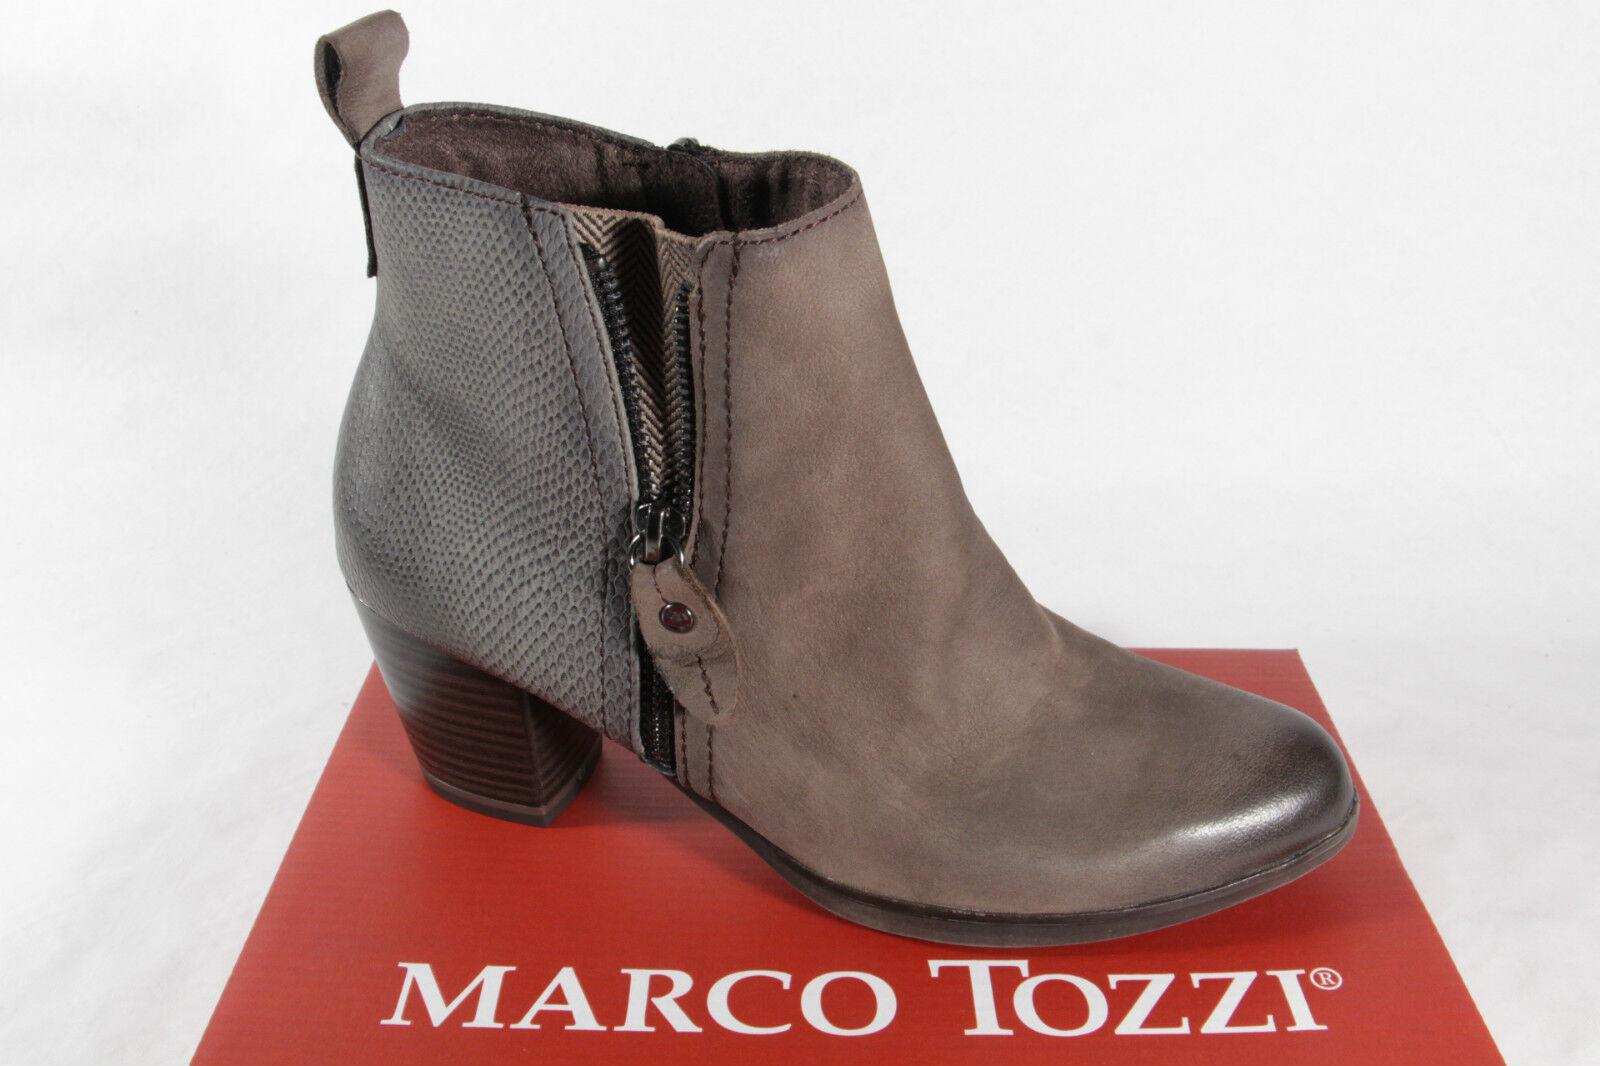 Marco Tozzi Stiefelette, Stiefel, schlamm grau, Reißverschluß  25060 NEU